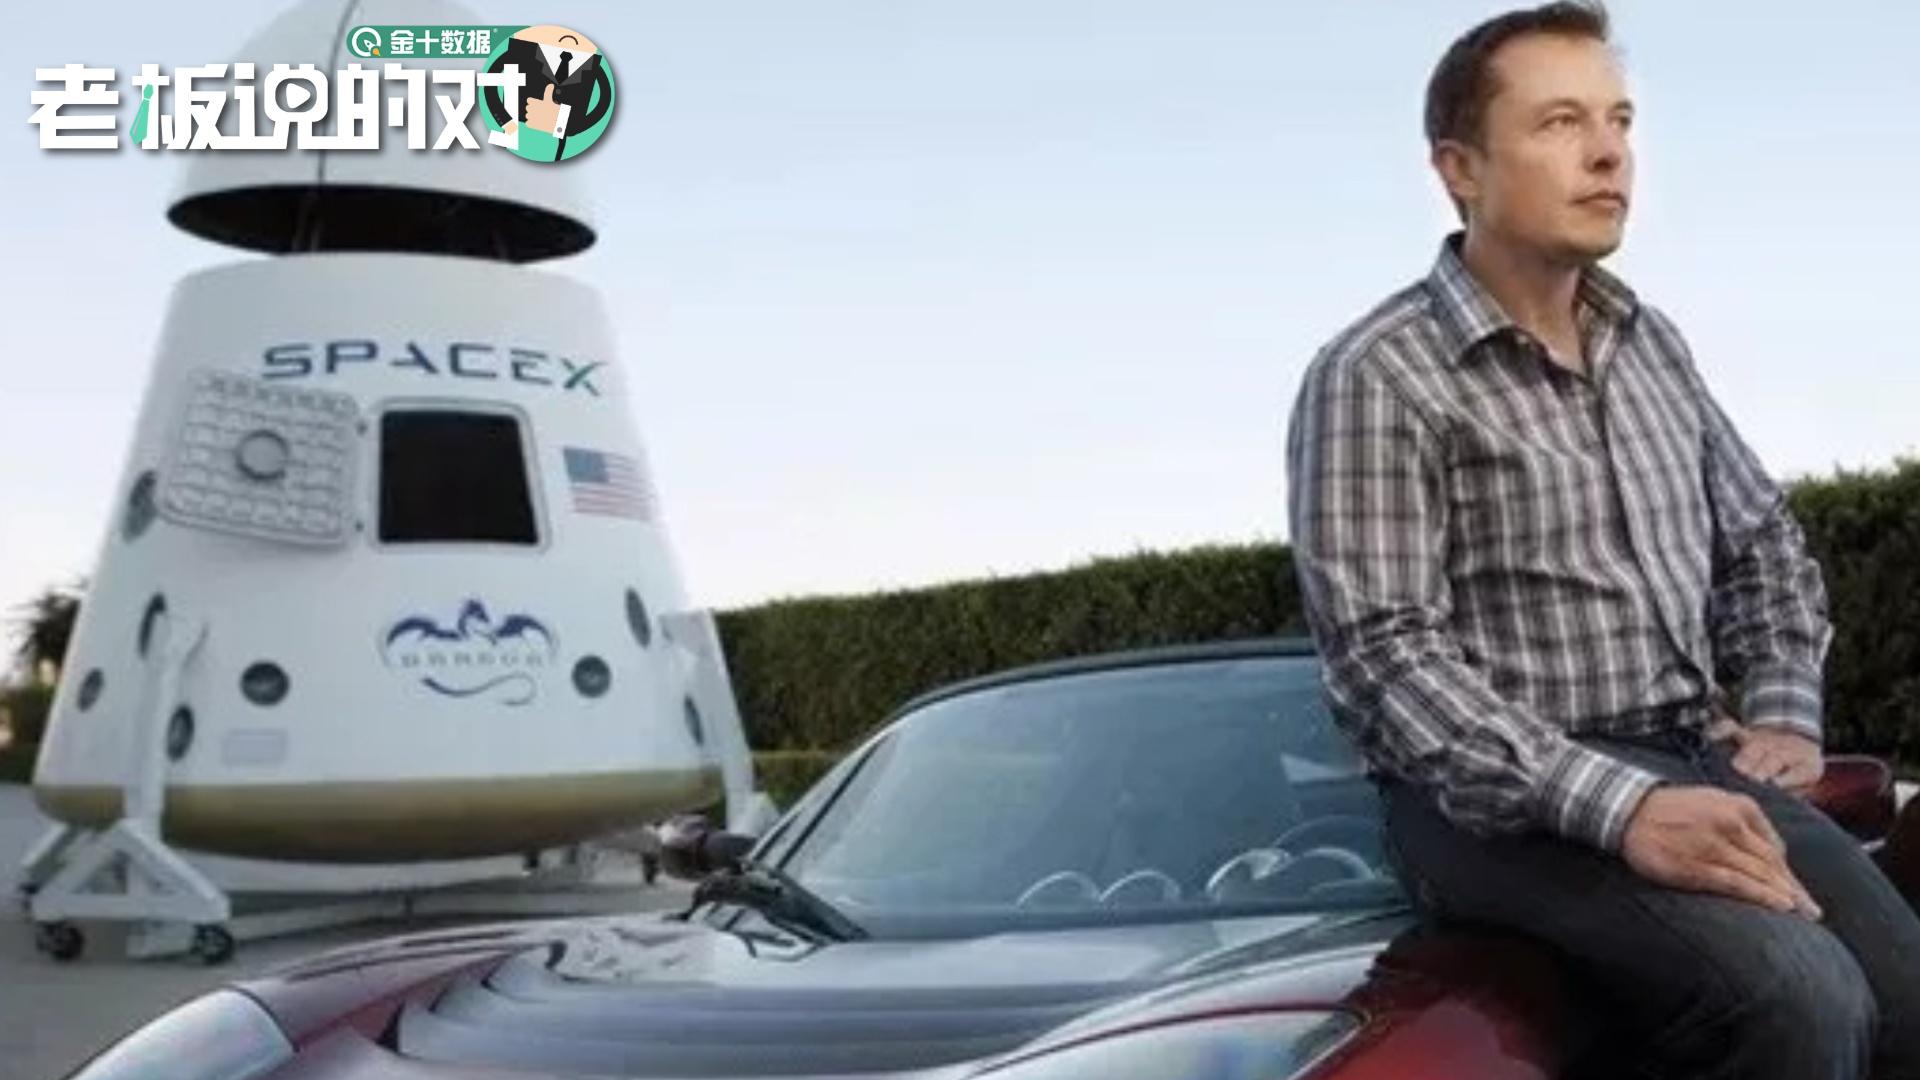 历时2个月!Space X载人龙飞船成功落地,马斯克再创航天历史